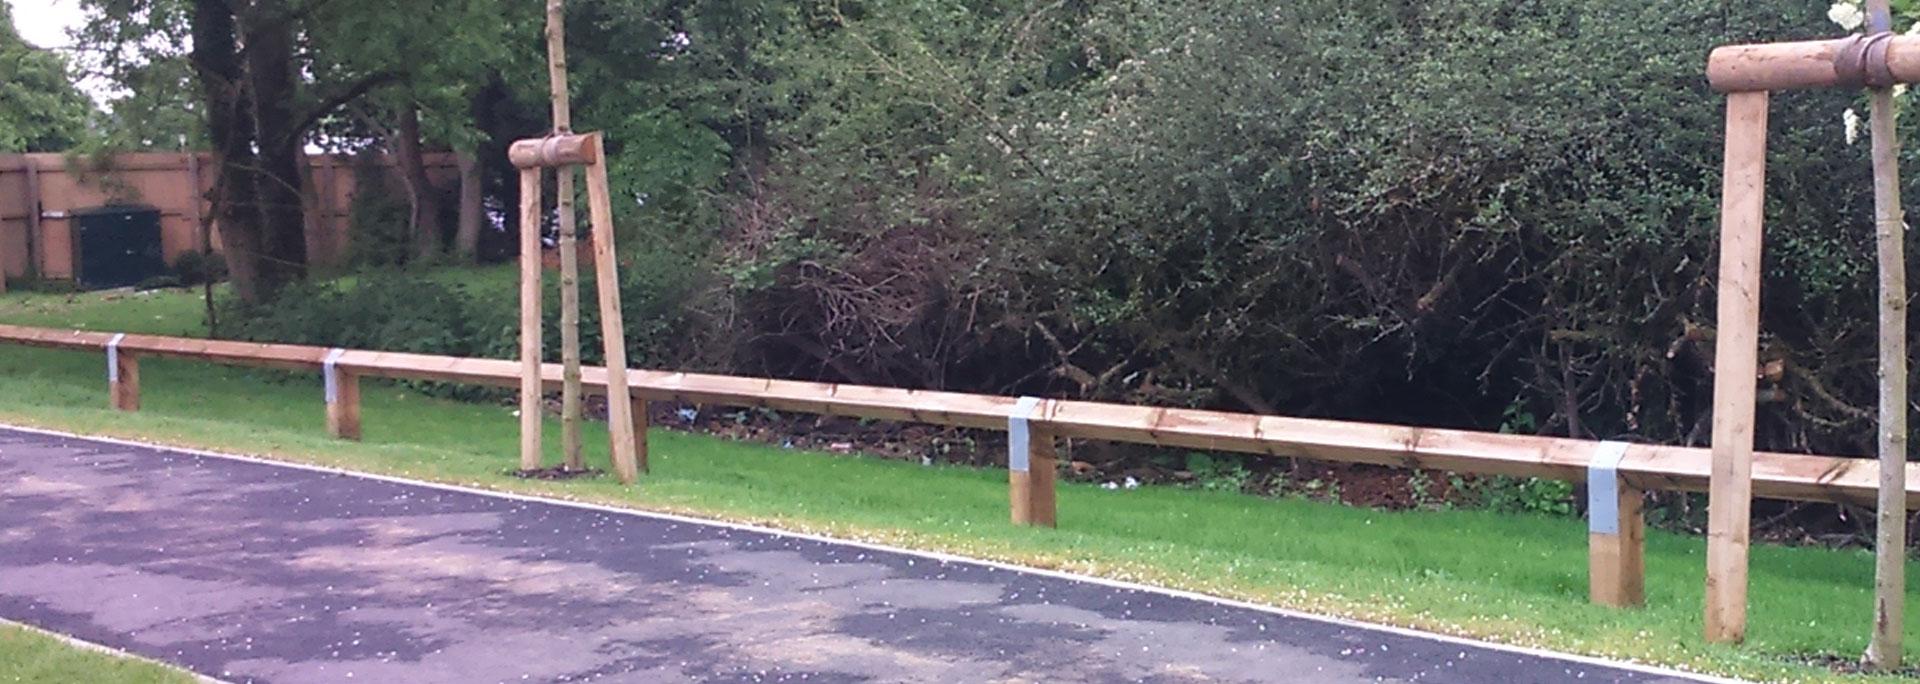 Knee Rail Fence